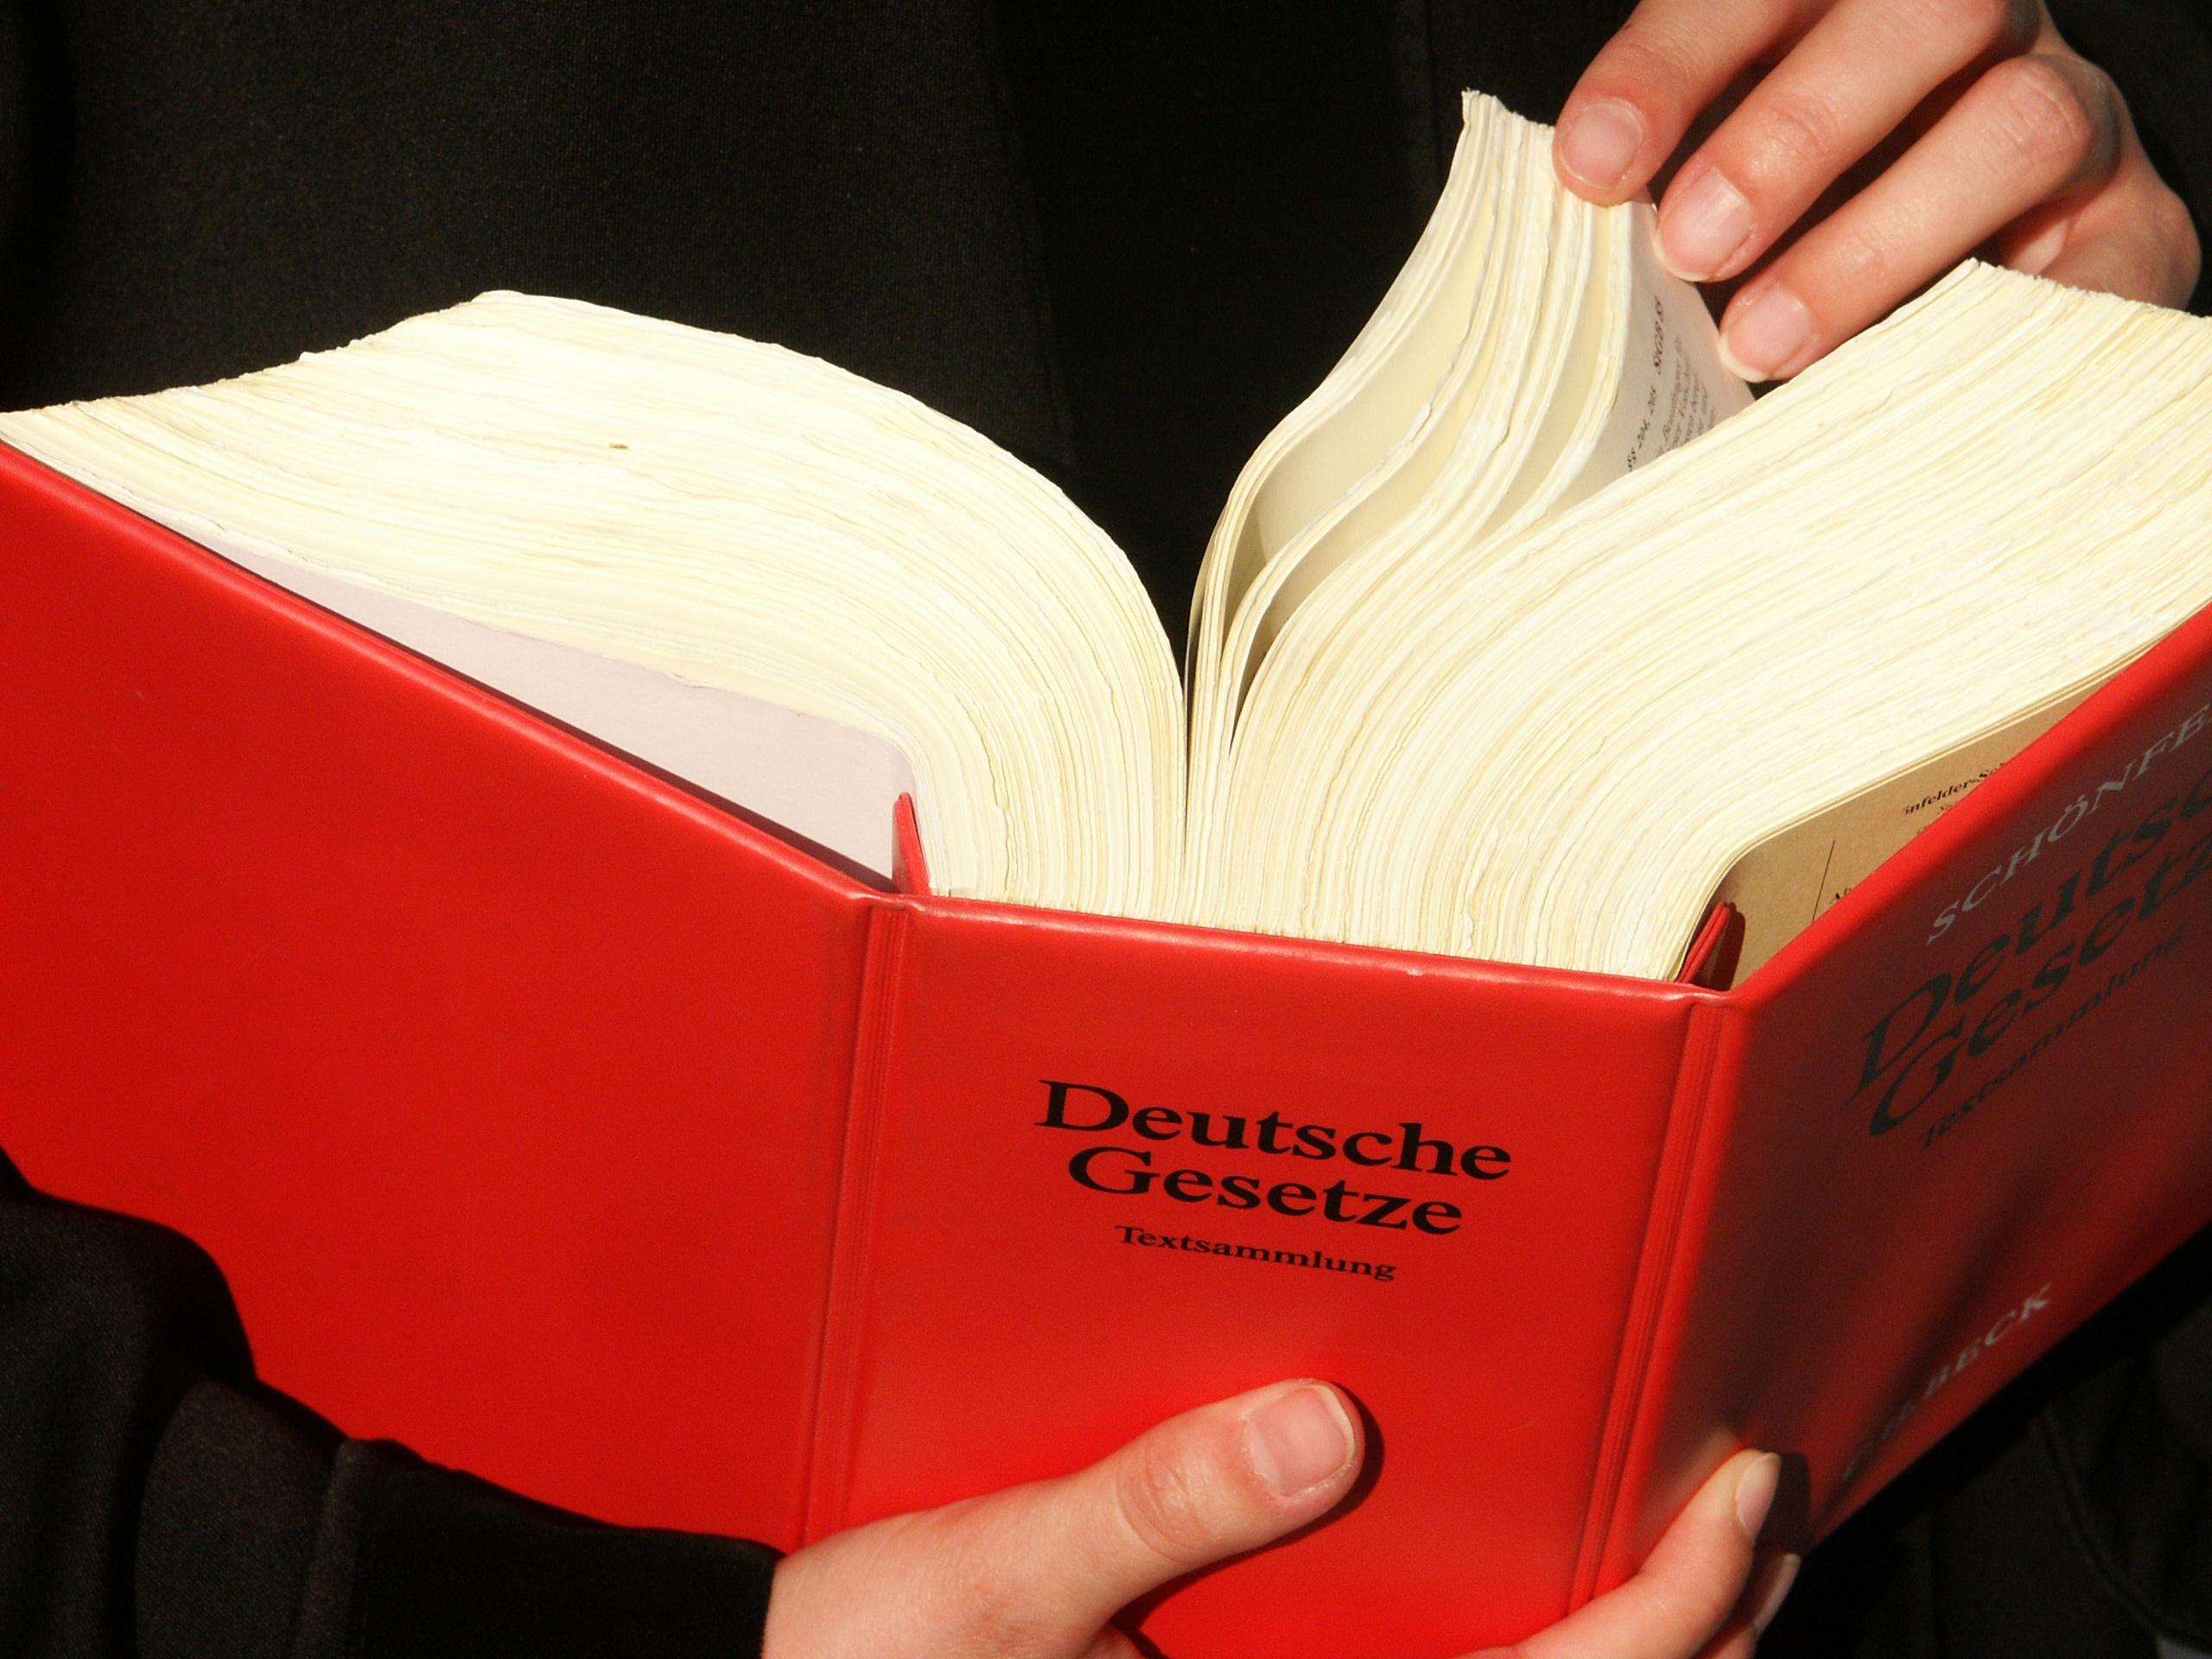 Ein dickes rotes Gesetzbuch, dass umgeblättert wird.